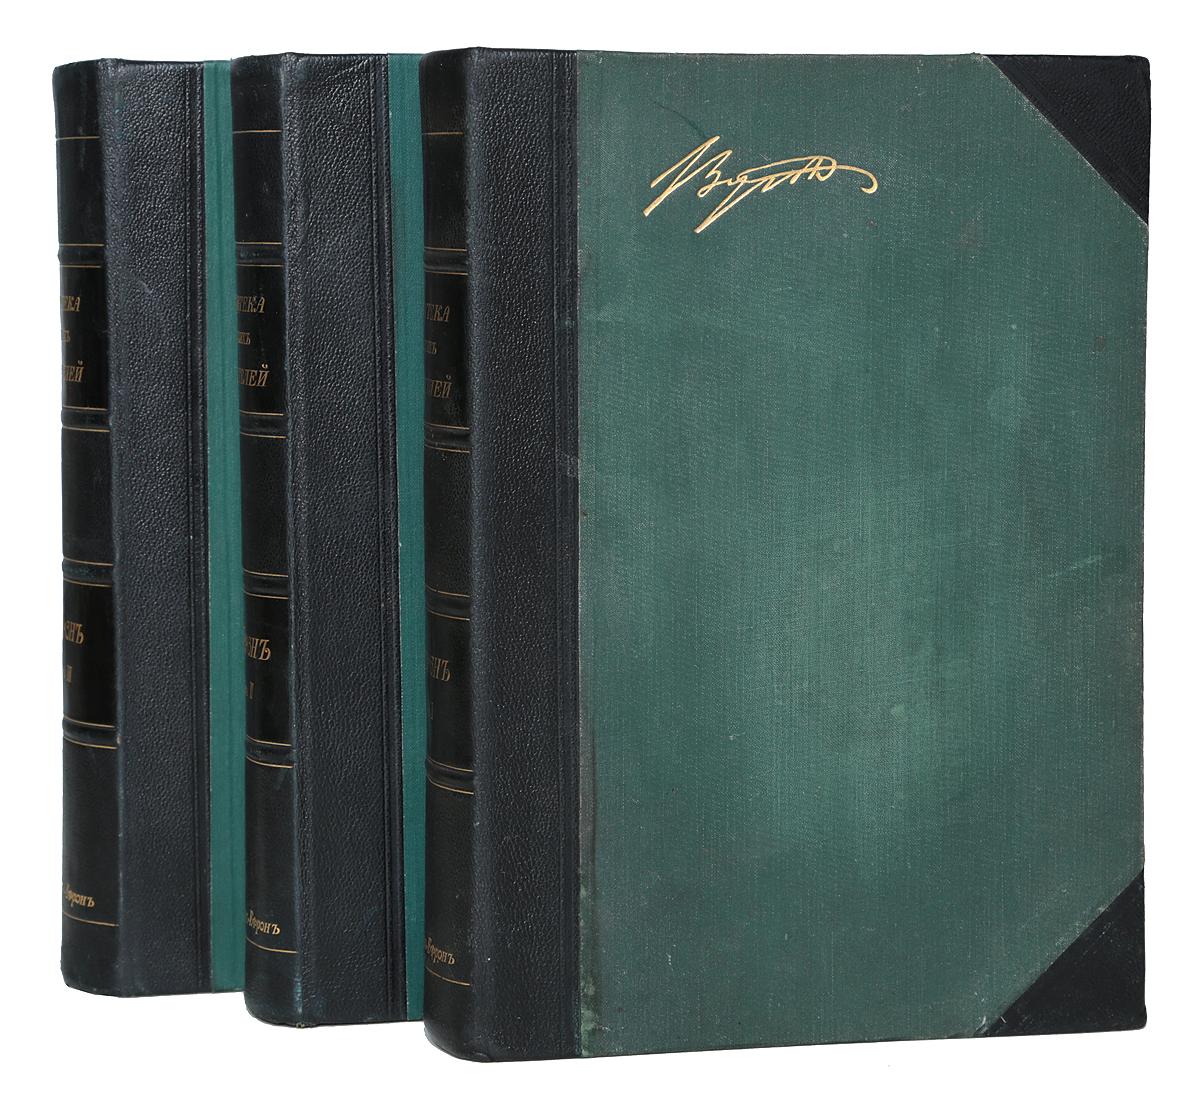 Байрон. Полное собрание сочинений в 3 томах (комплект из 3 книг) купить книги байрон кейти